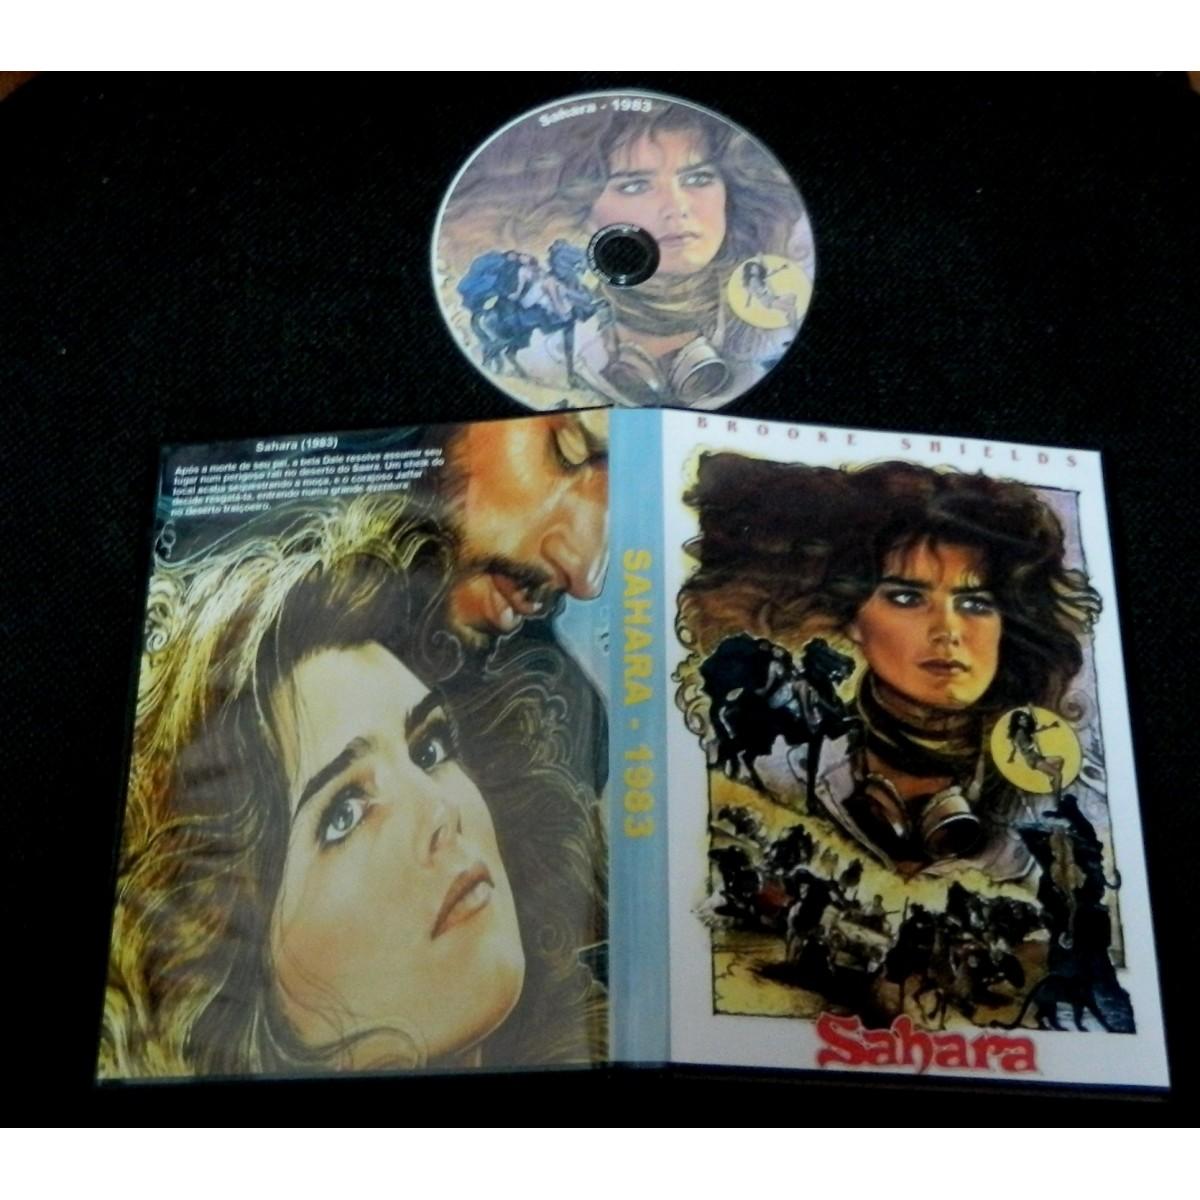 SAHARA - 1983  - FILMES RAROS EM DVD